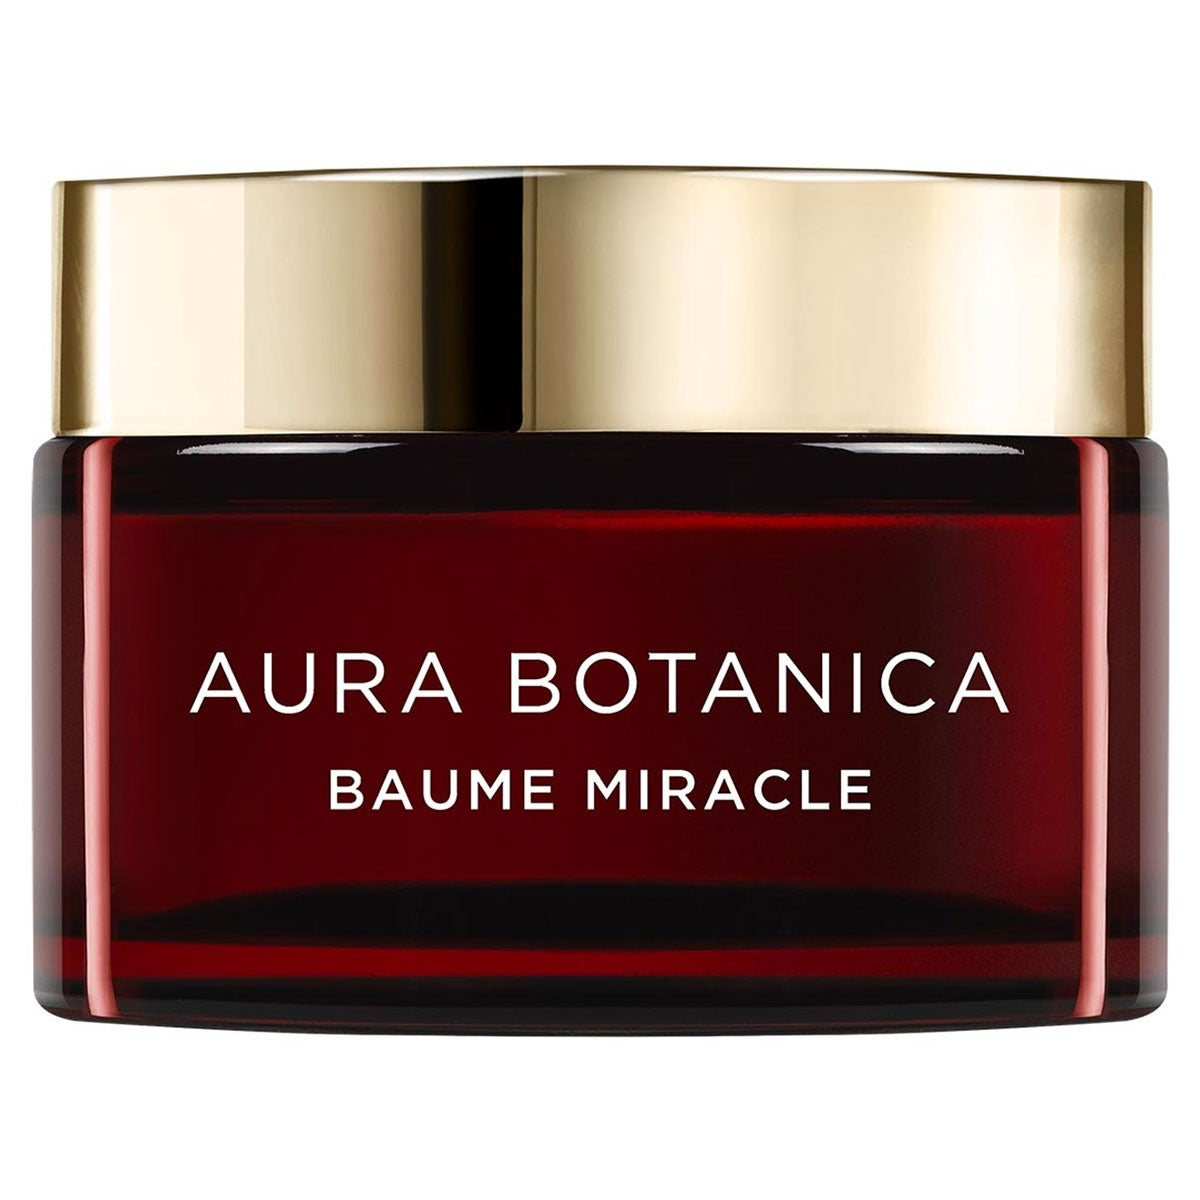 Kérastase Aura Botanica Baume Miracle